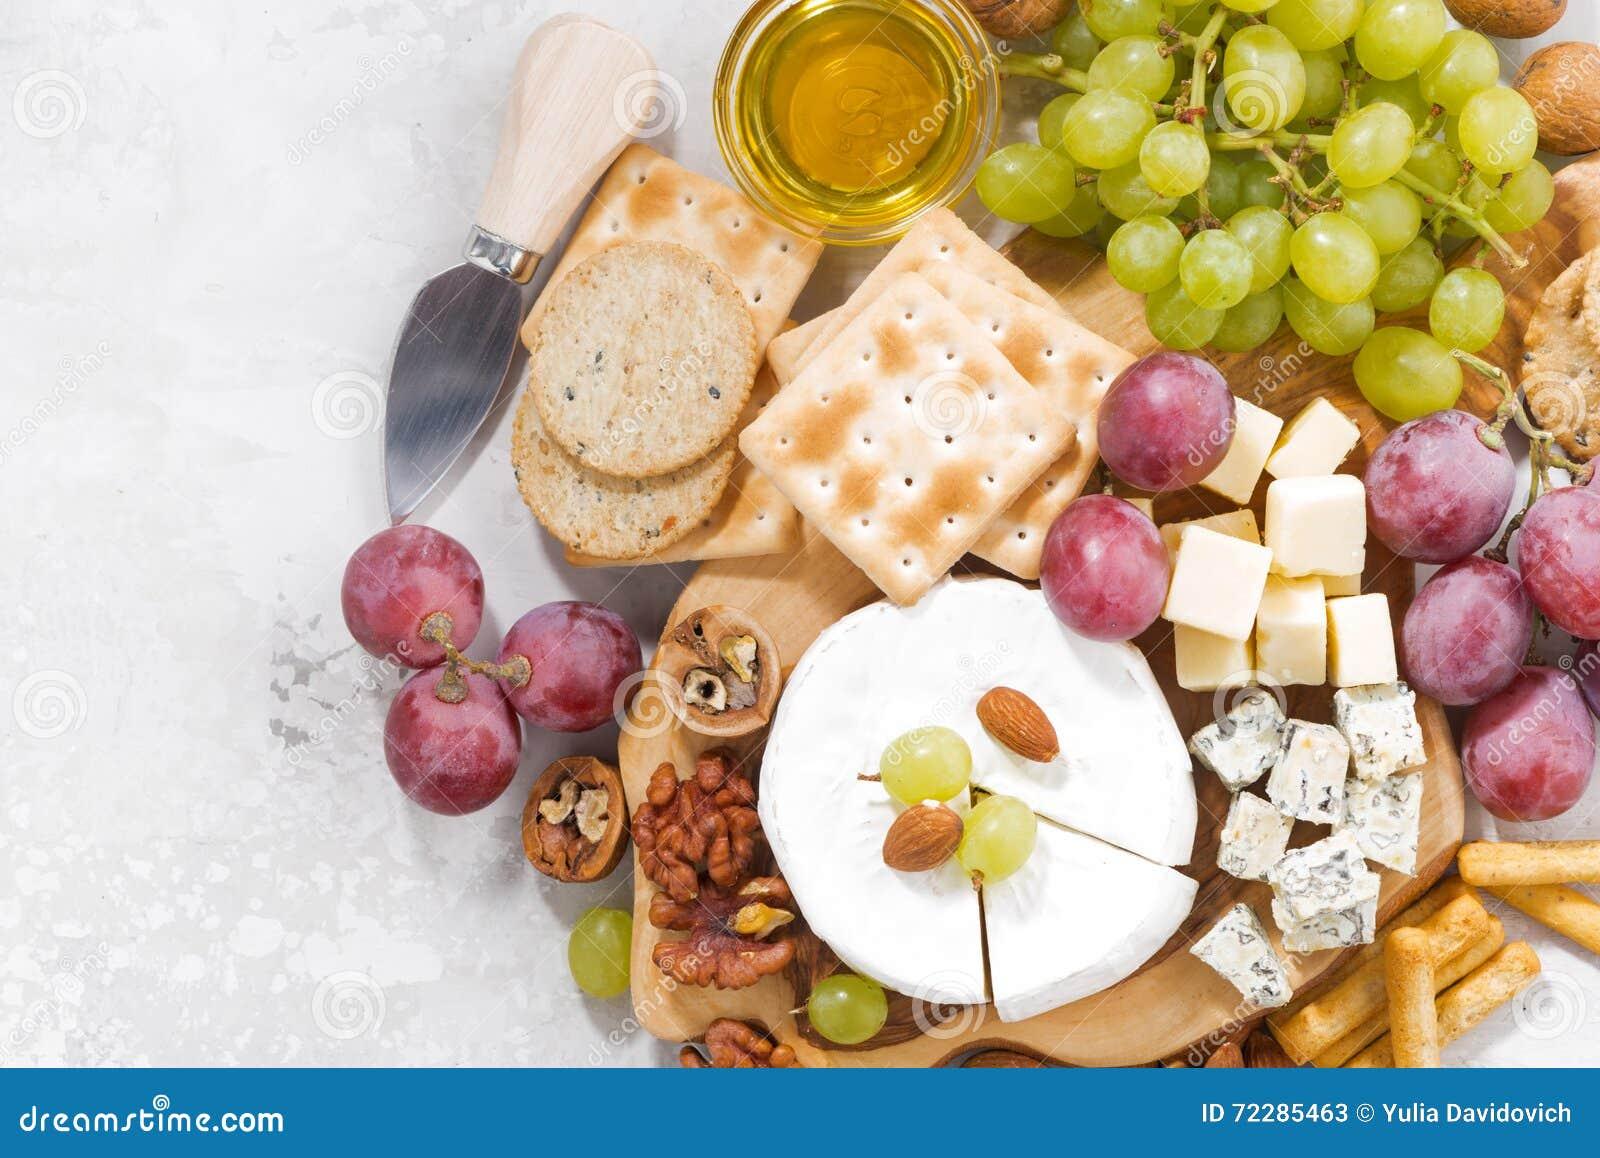 Download Камамбер, виноградины и закуски на белой предпосылке, взгляд сверху Стоковое Изображение - изображение насчитывающей молокозавод, гастроном: 72285463